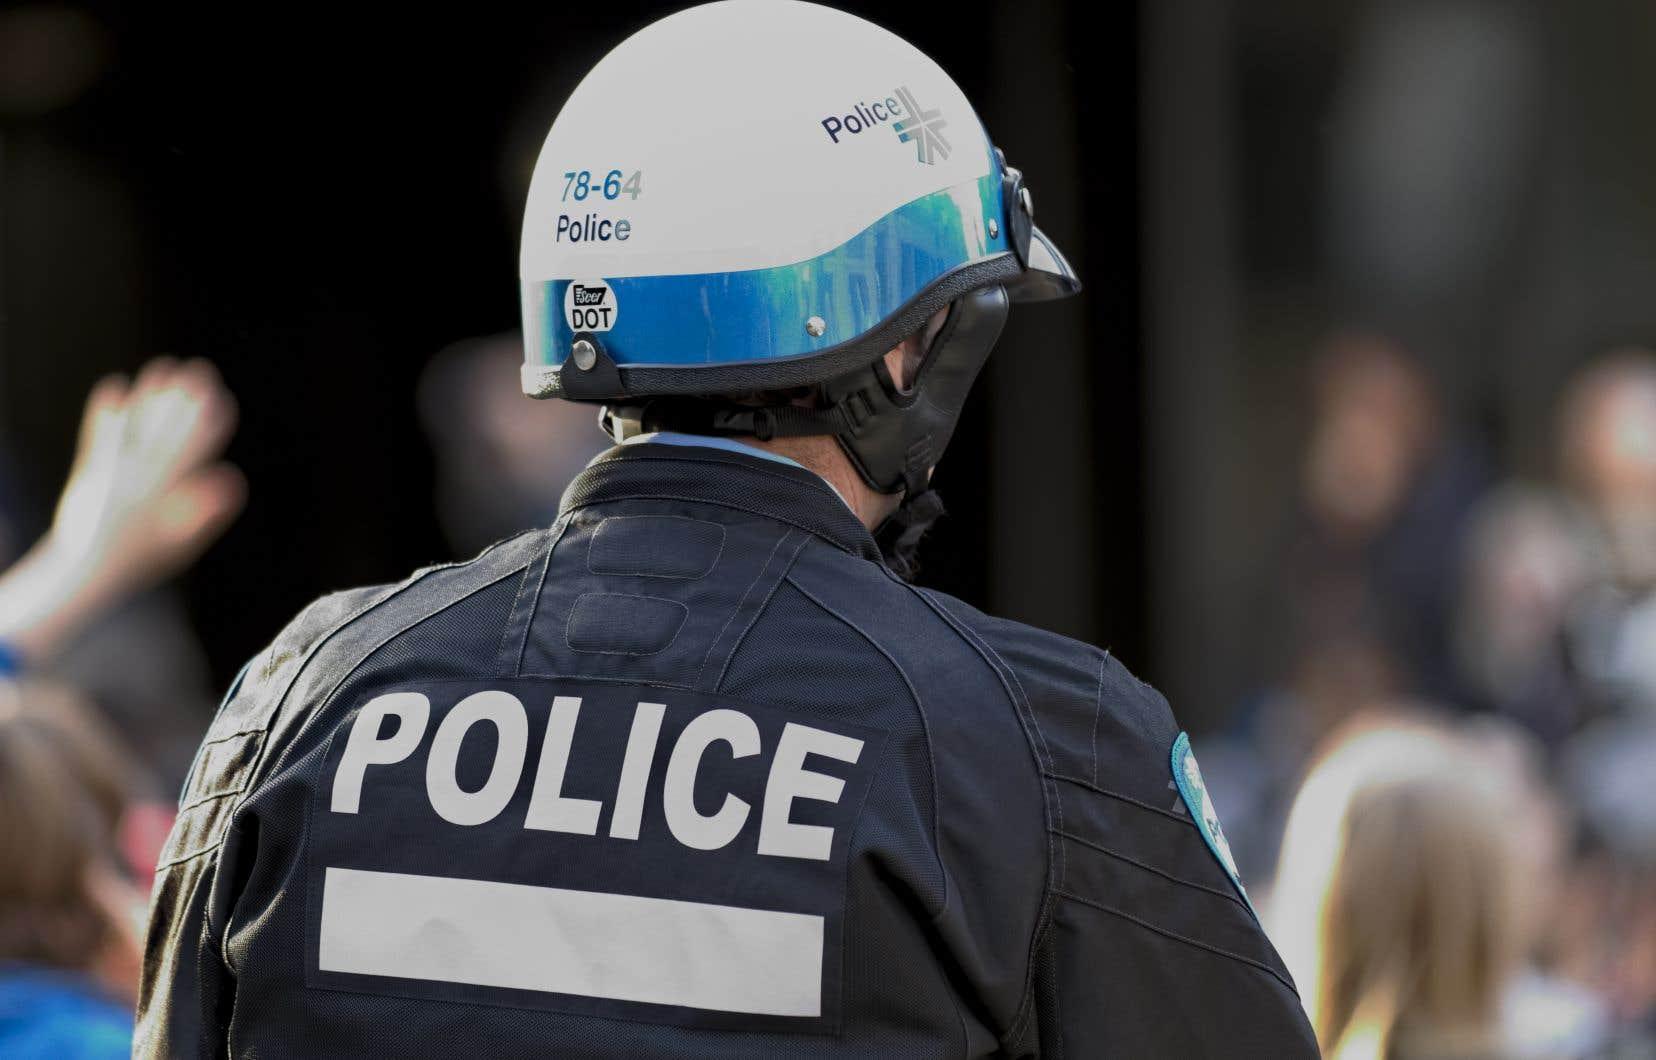 Les personnes âgées de 15ans et plus sont invitées à rapporter une expérience d'interpellation policière qui a eu lieu le jour même ou jusqu'à 20ans en arrière, par l'entremise d'un formulaire anonyme.